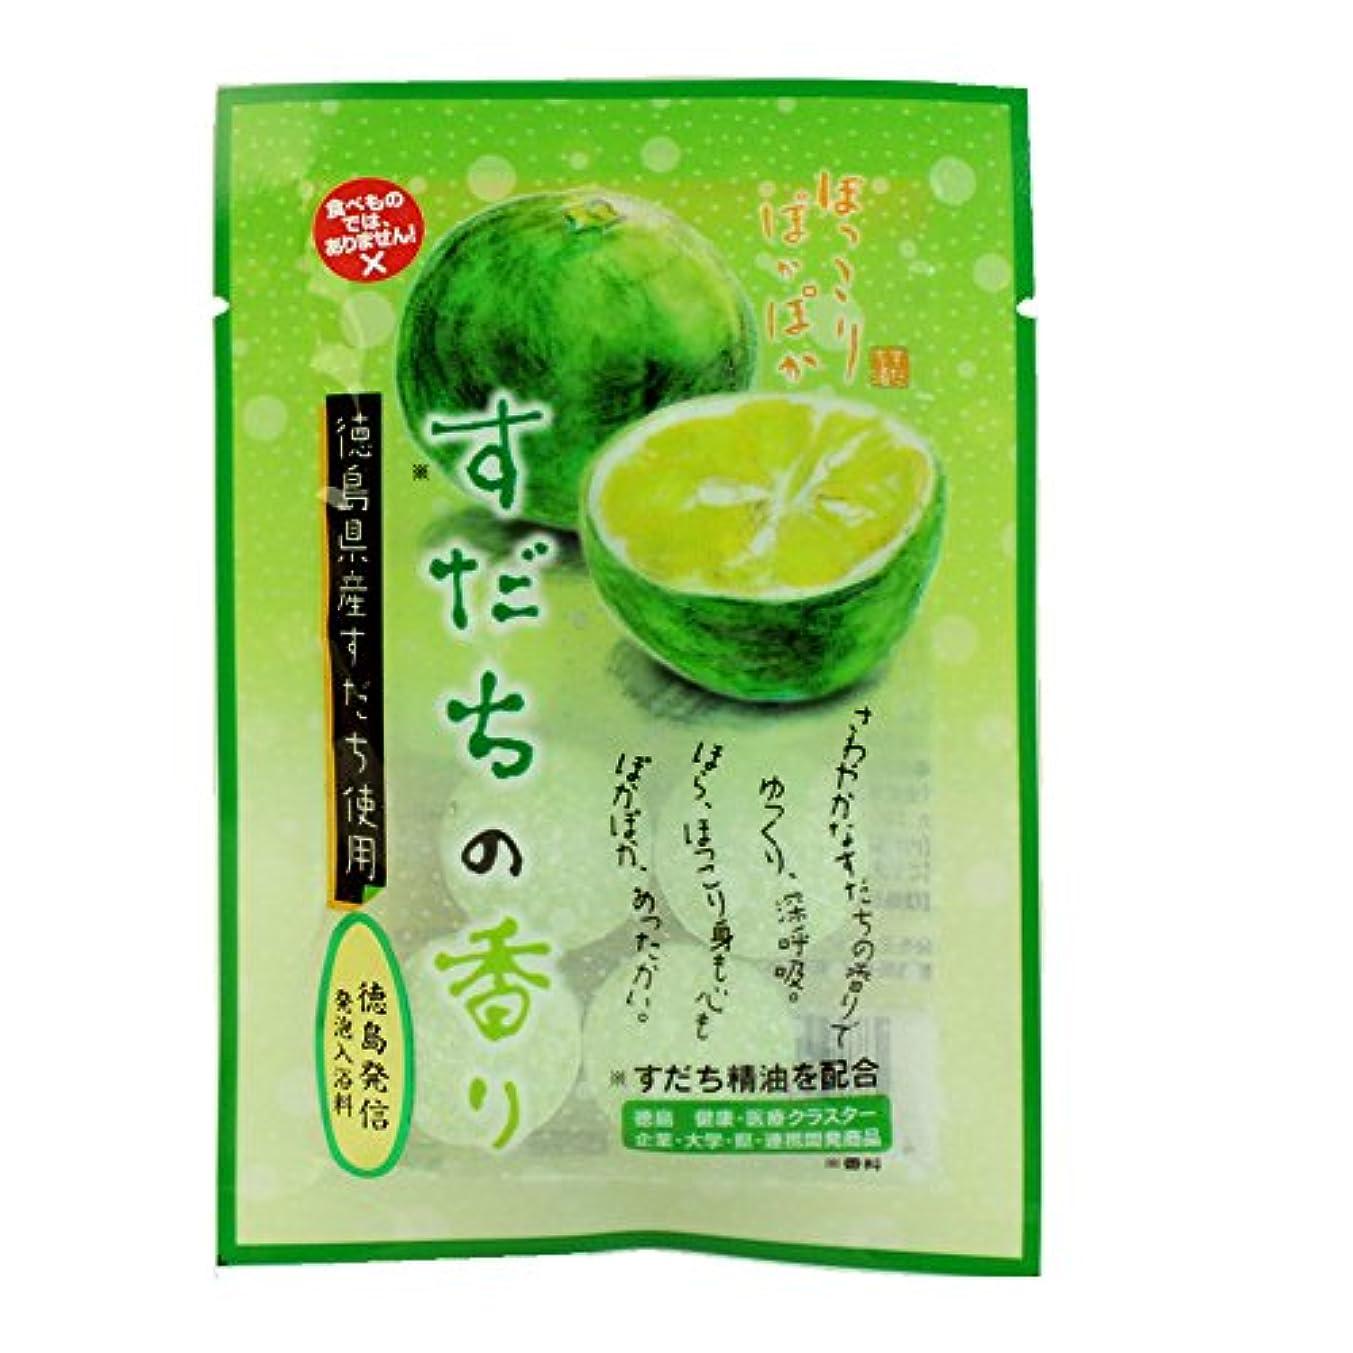 指定するプレビスサイト効率的にすだちの香り 発泡入浴料 1袋 徳島県産すだち使用 860 送料無料